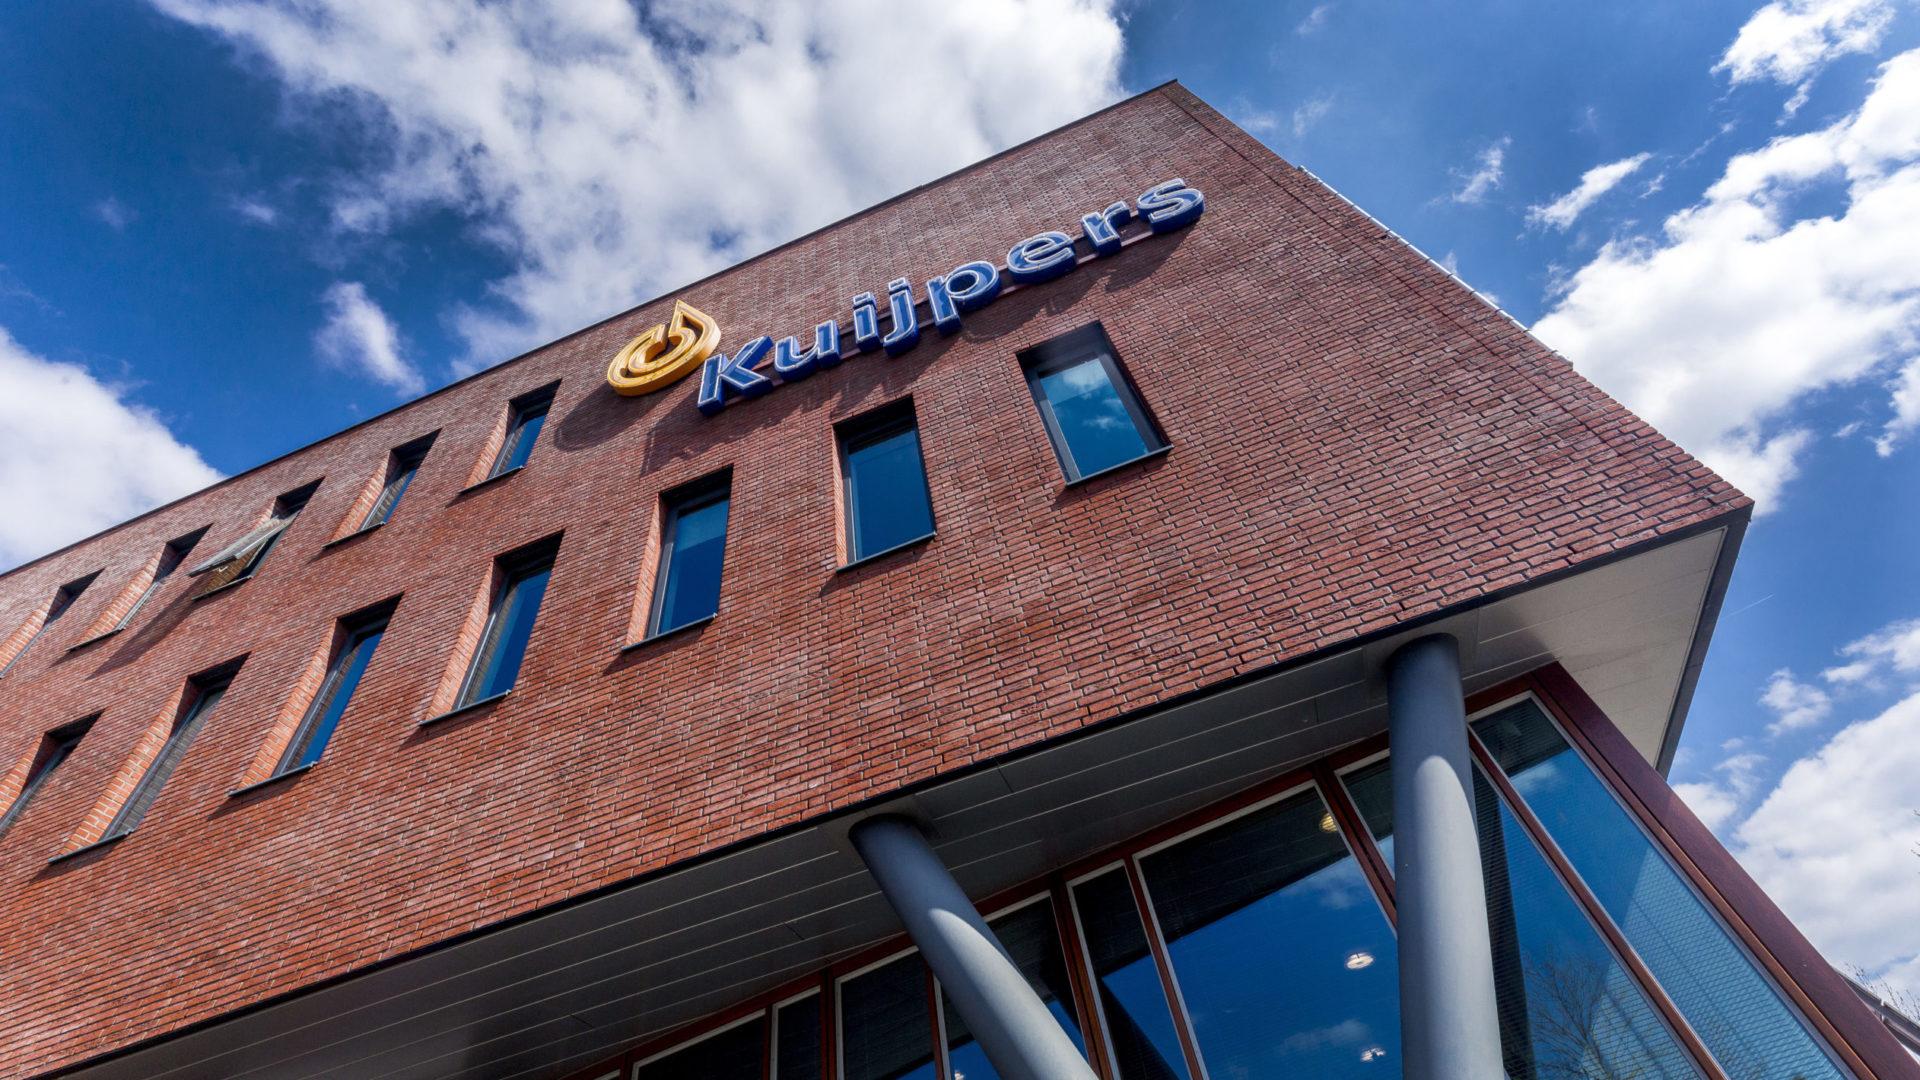 Kuijpers ziet ondanks corona omzet en winst flink groeien - Cobouw.nl